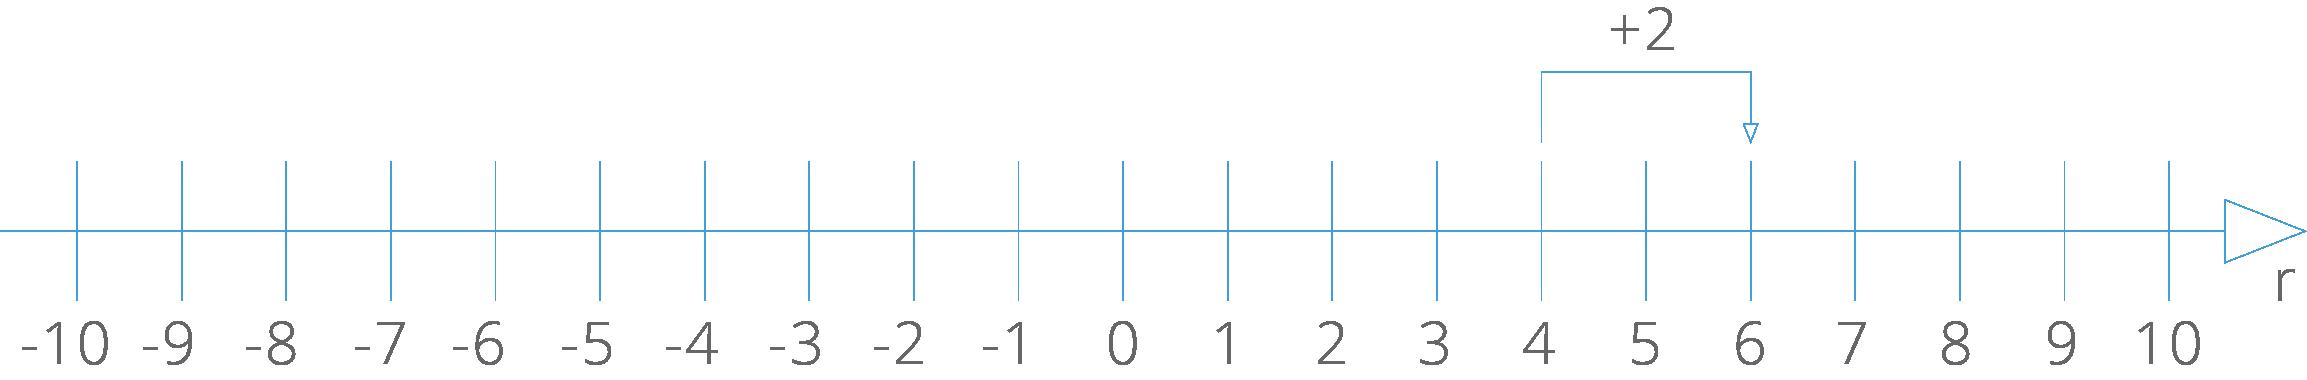 reta-numerada-02